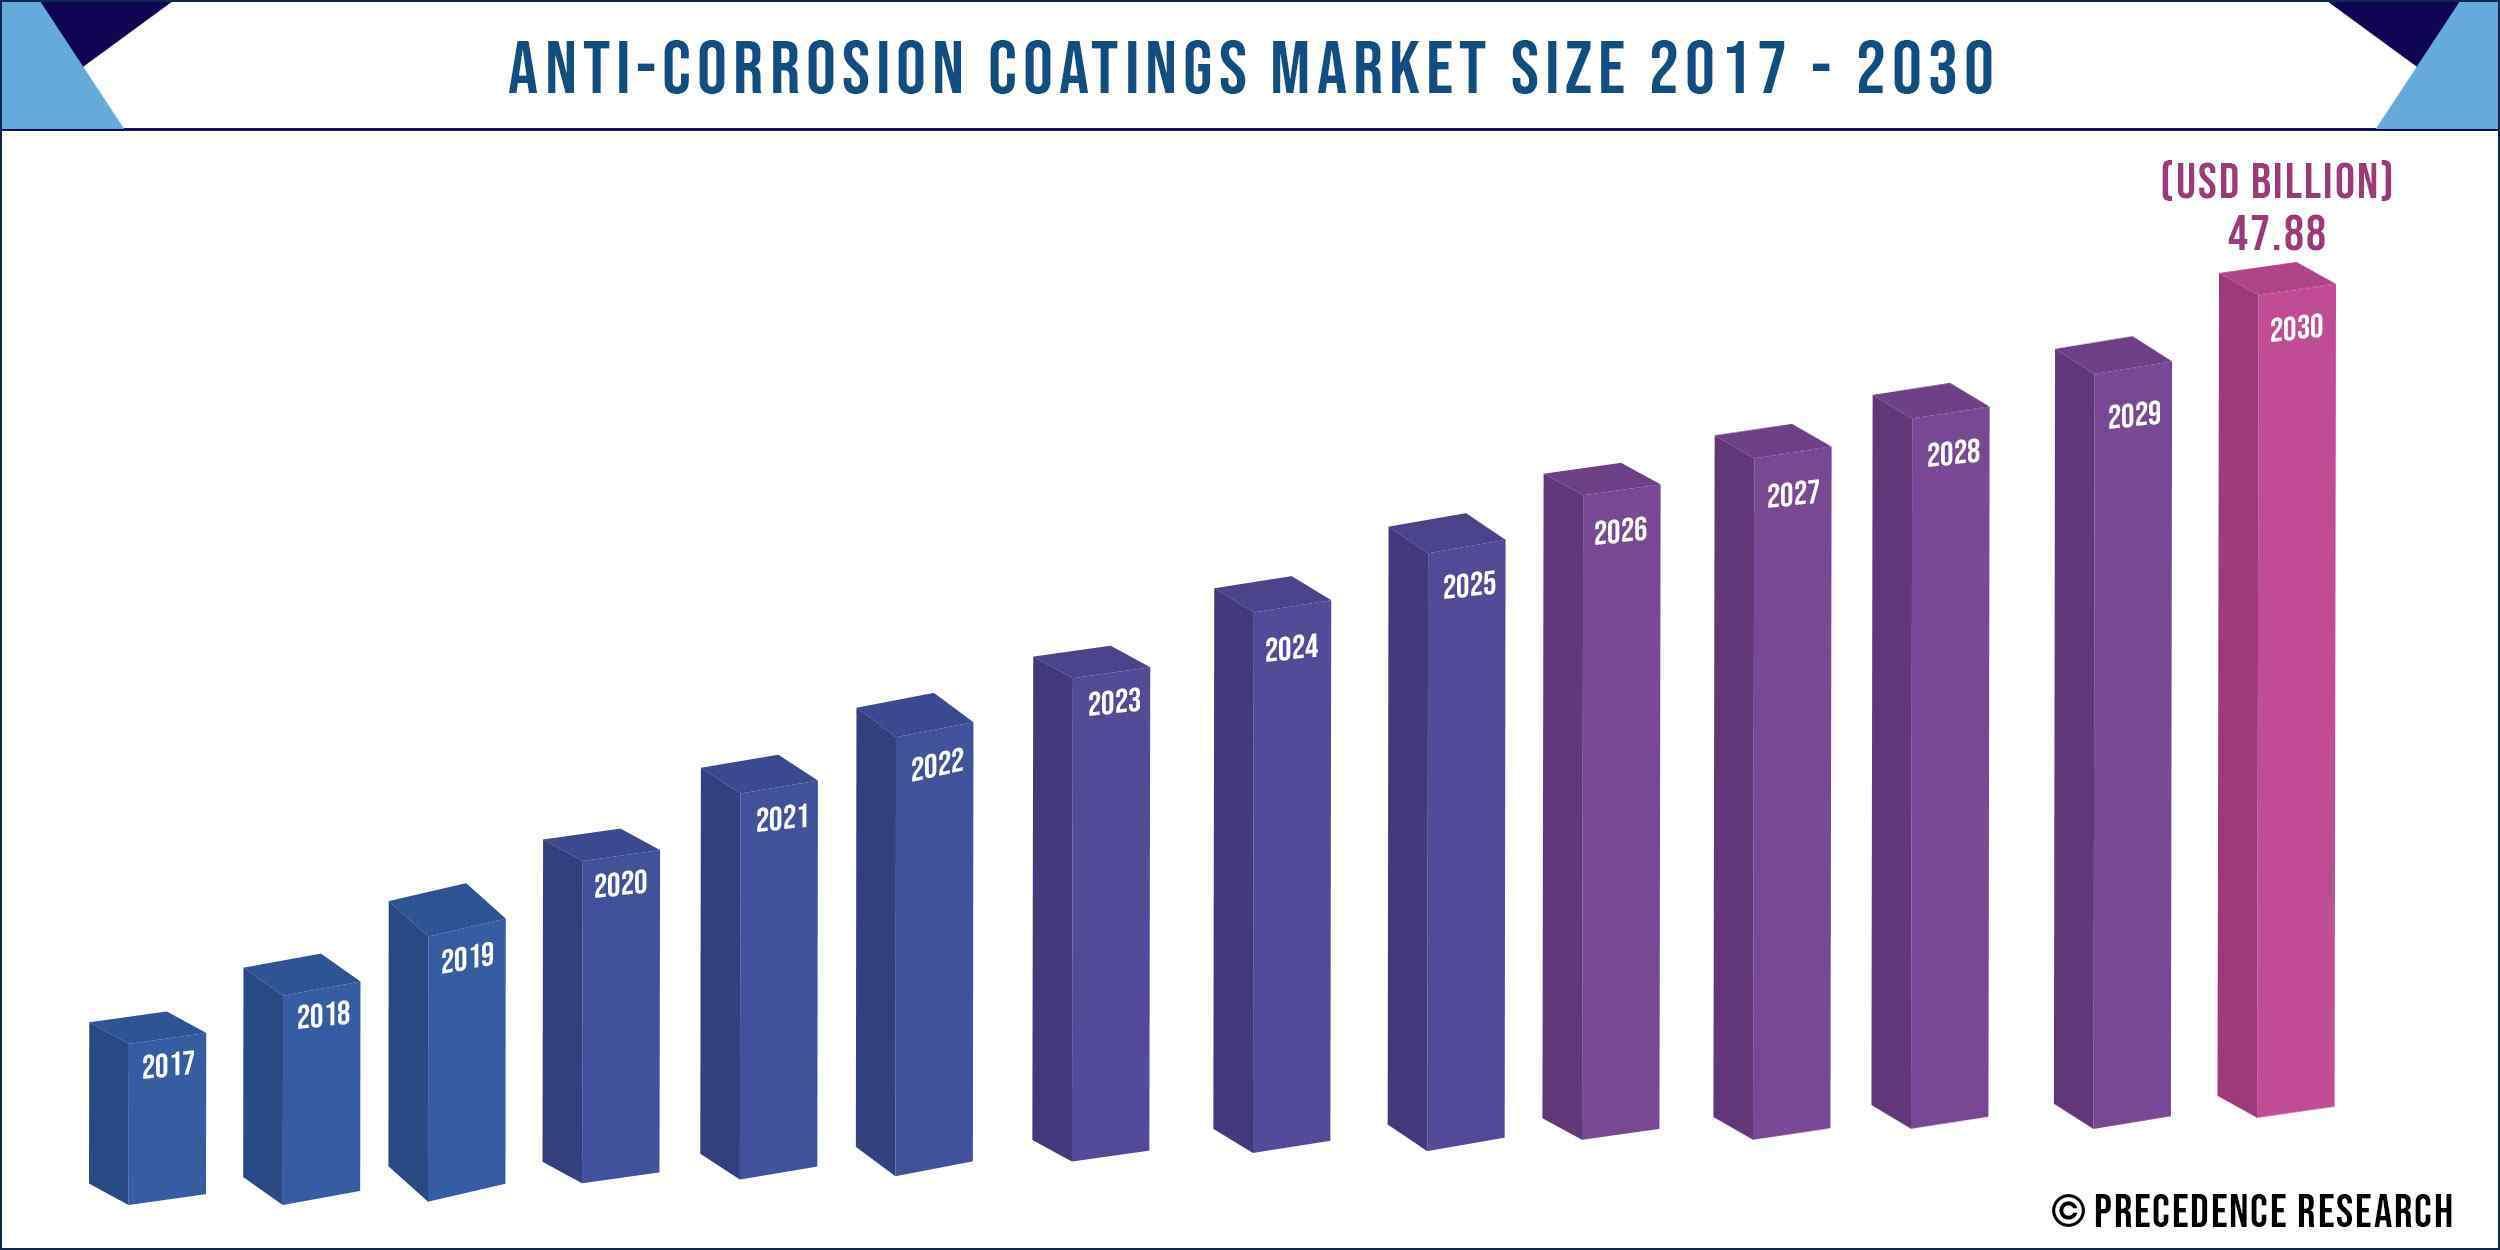 Anti Corrosion Coatings Market Size 2017 to 2030